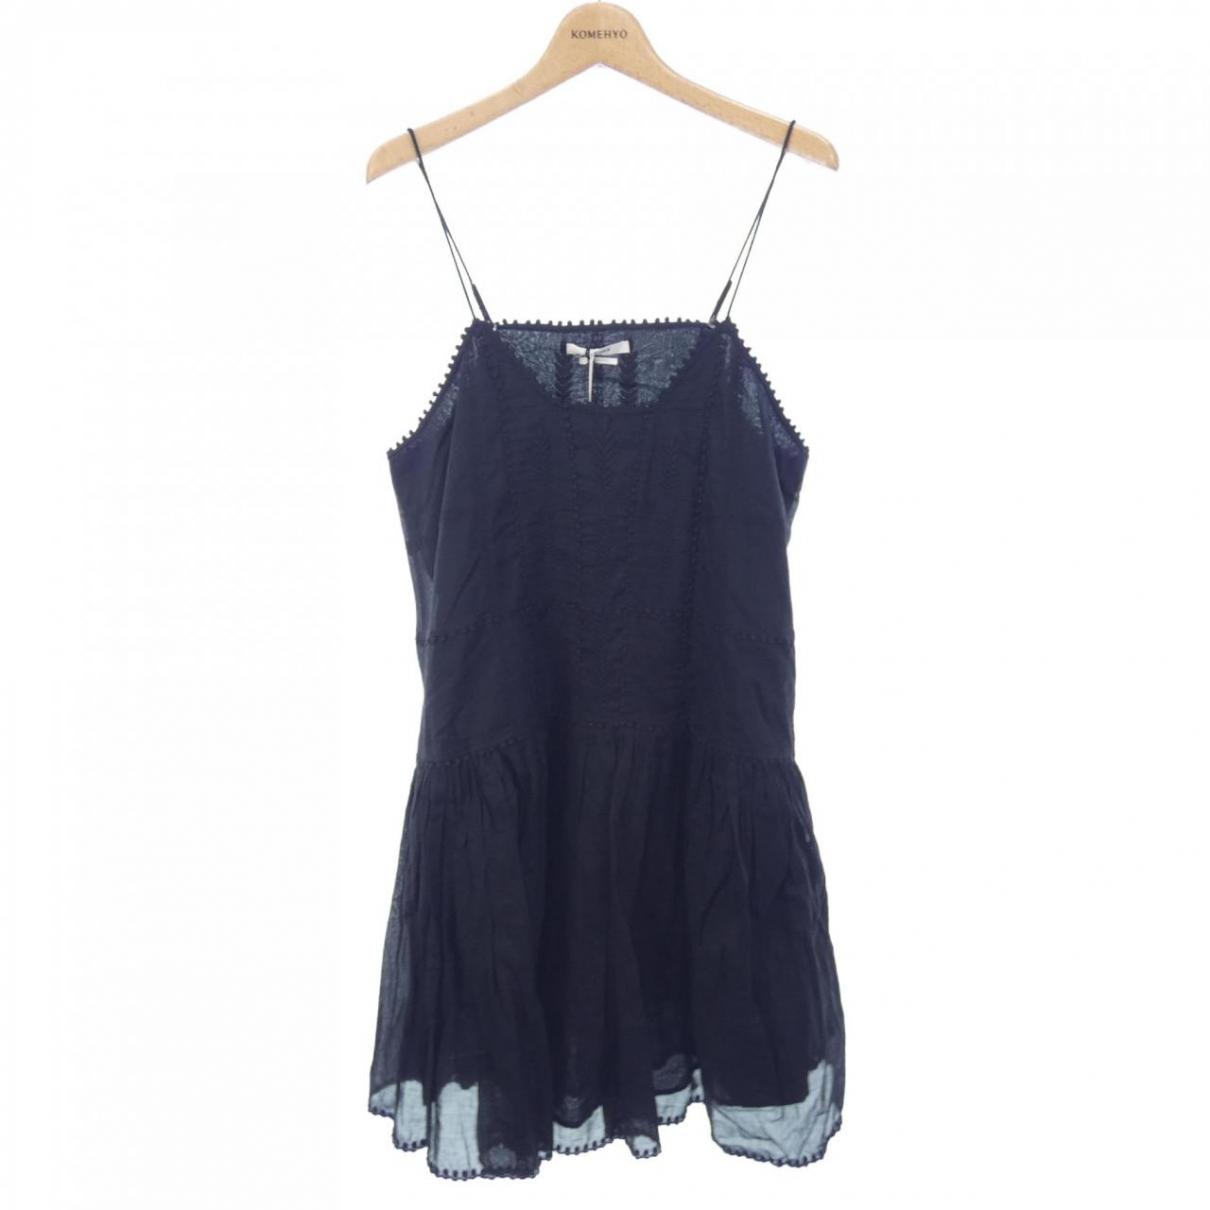 Isabel Marant Etoile \N Black Cotton dress for Women 38 FR